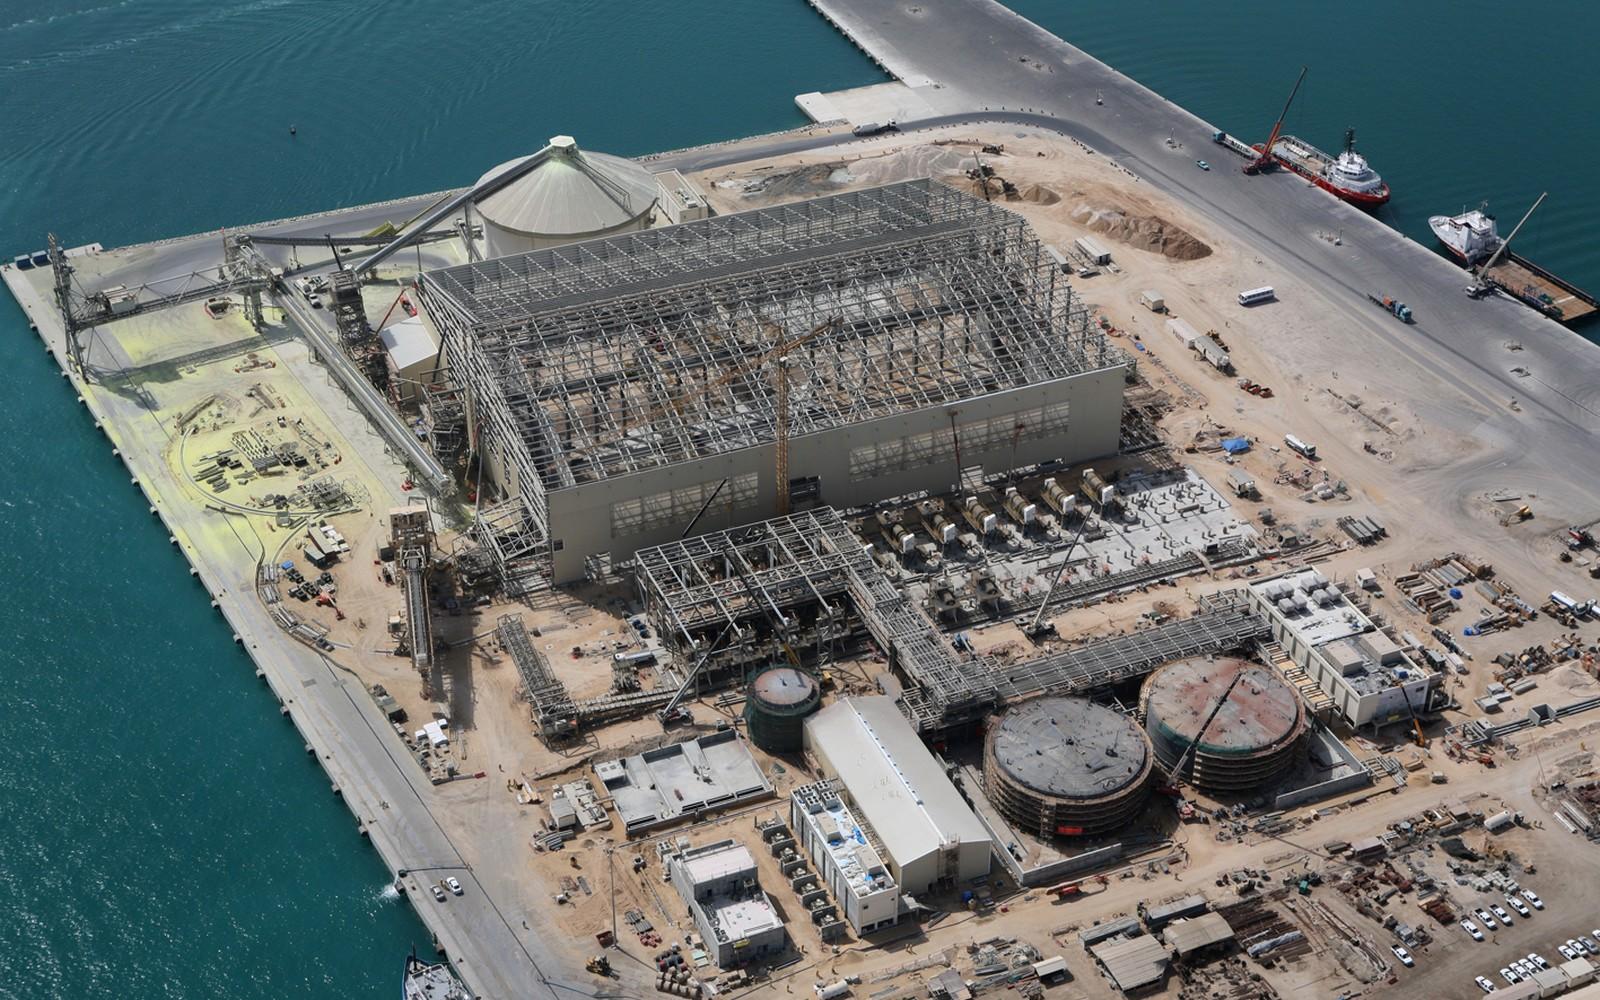 AL JABER ENERGY SERVICES